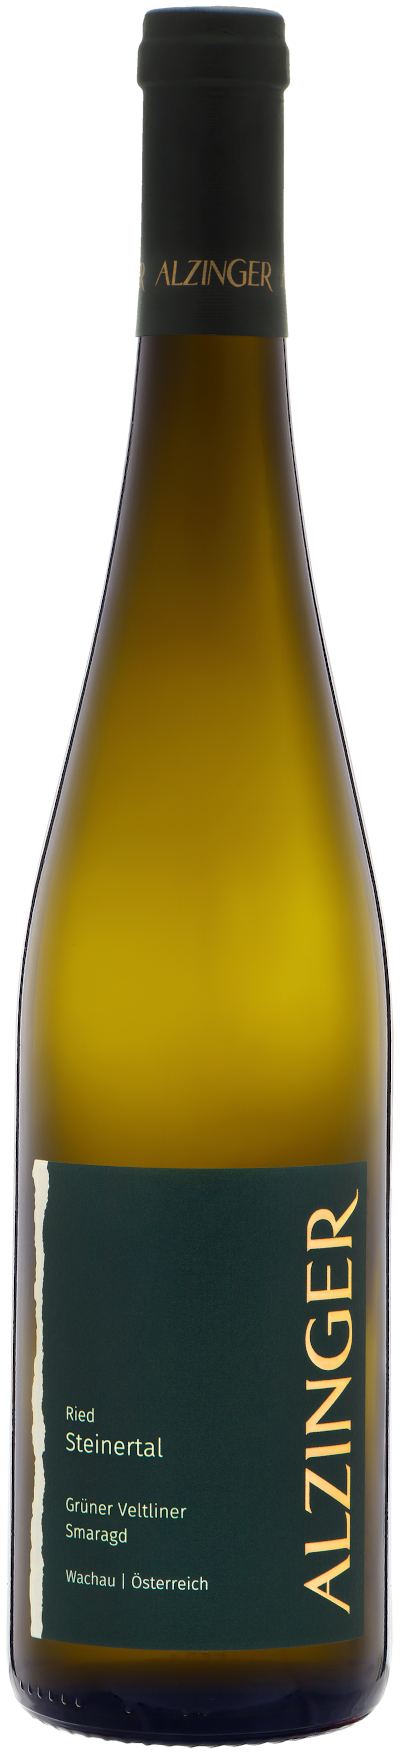 Alzinger - Grüner Veltliner Smaragd Steinertal